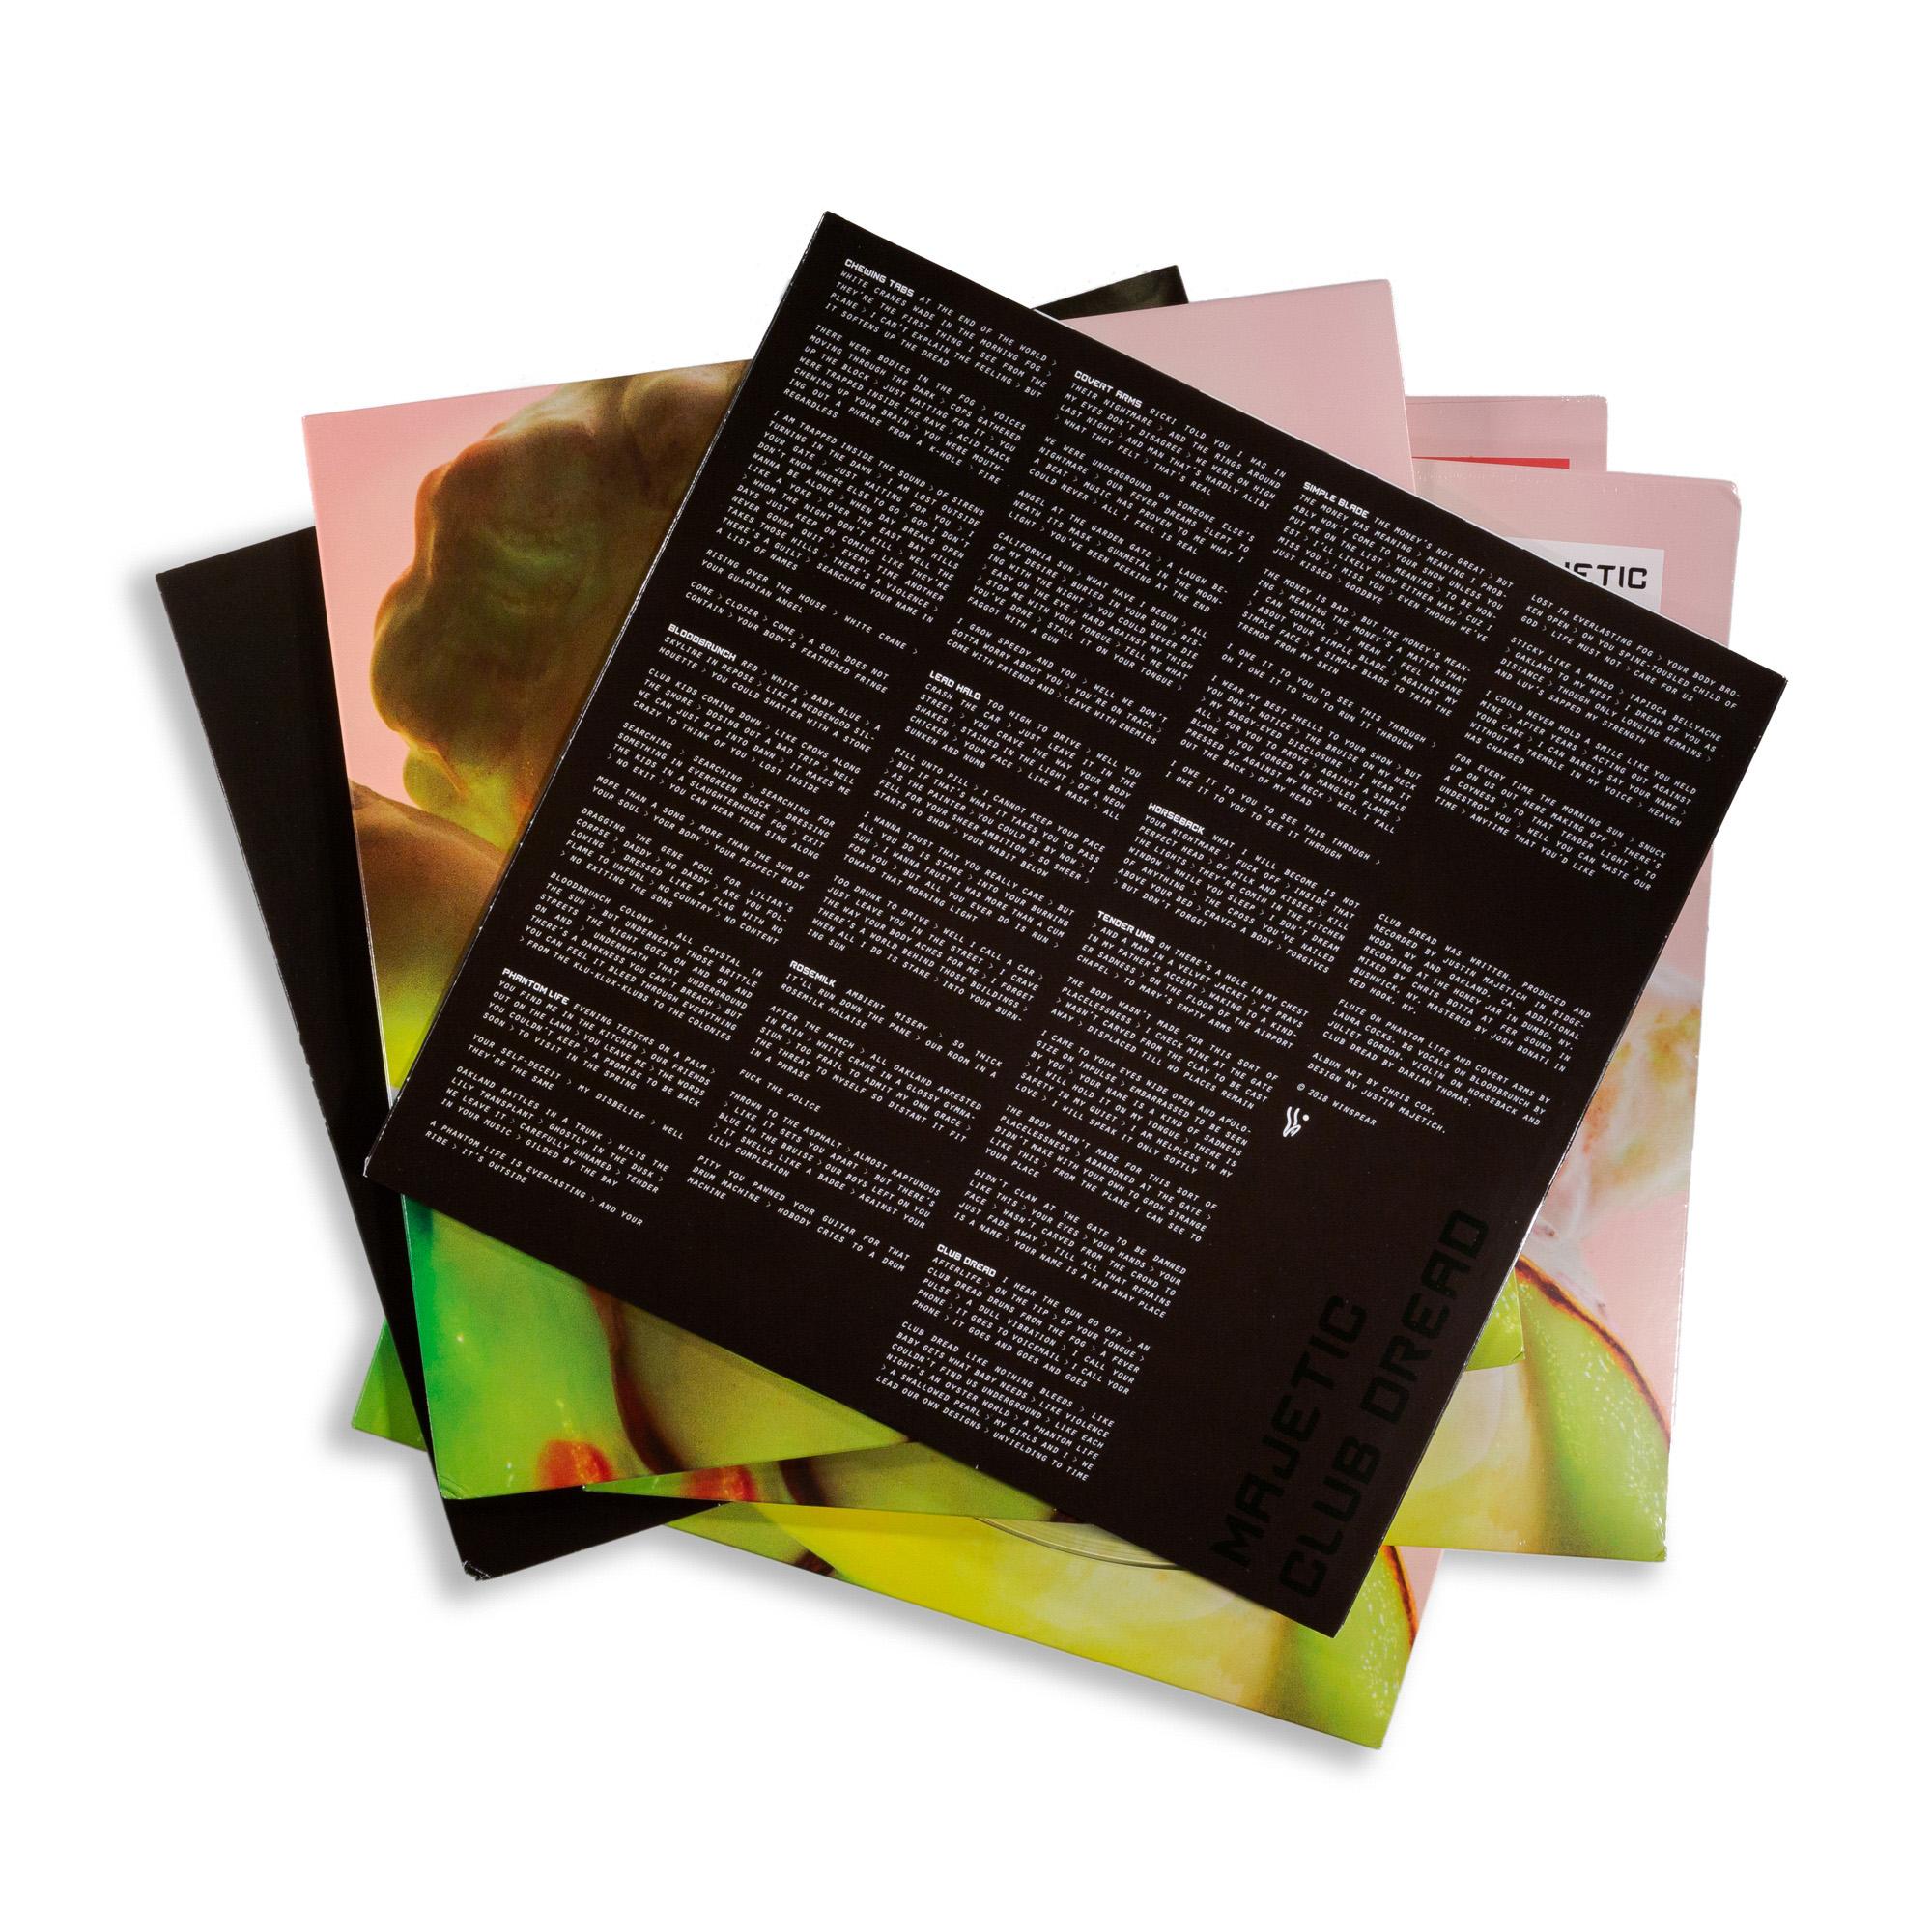 CD_DOCUMENT-STACKER_0003_stacker-7.jpg